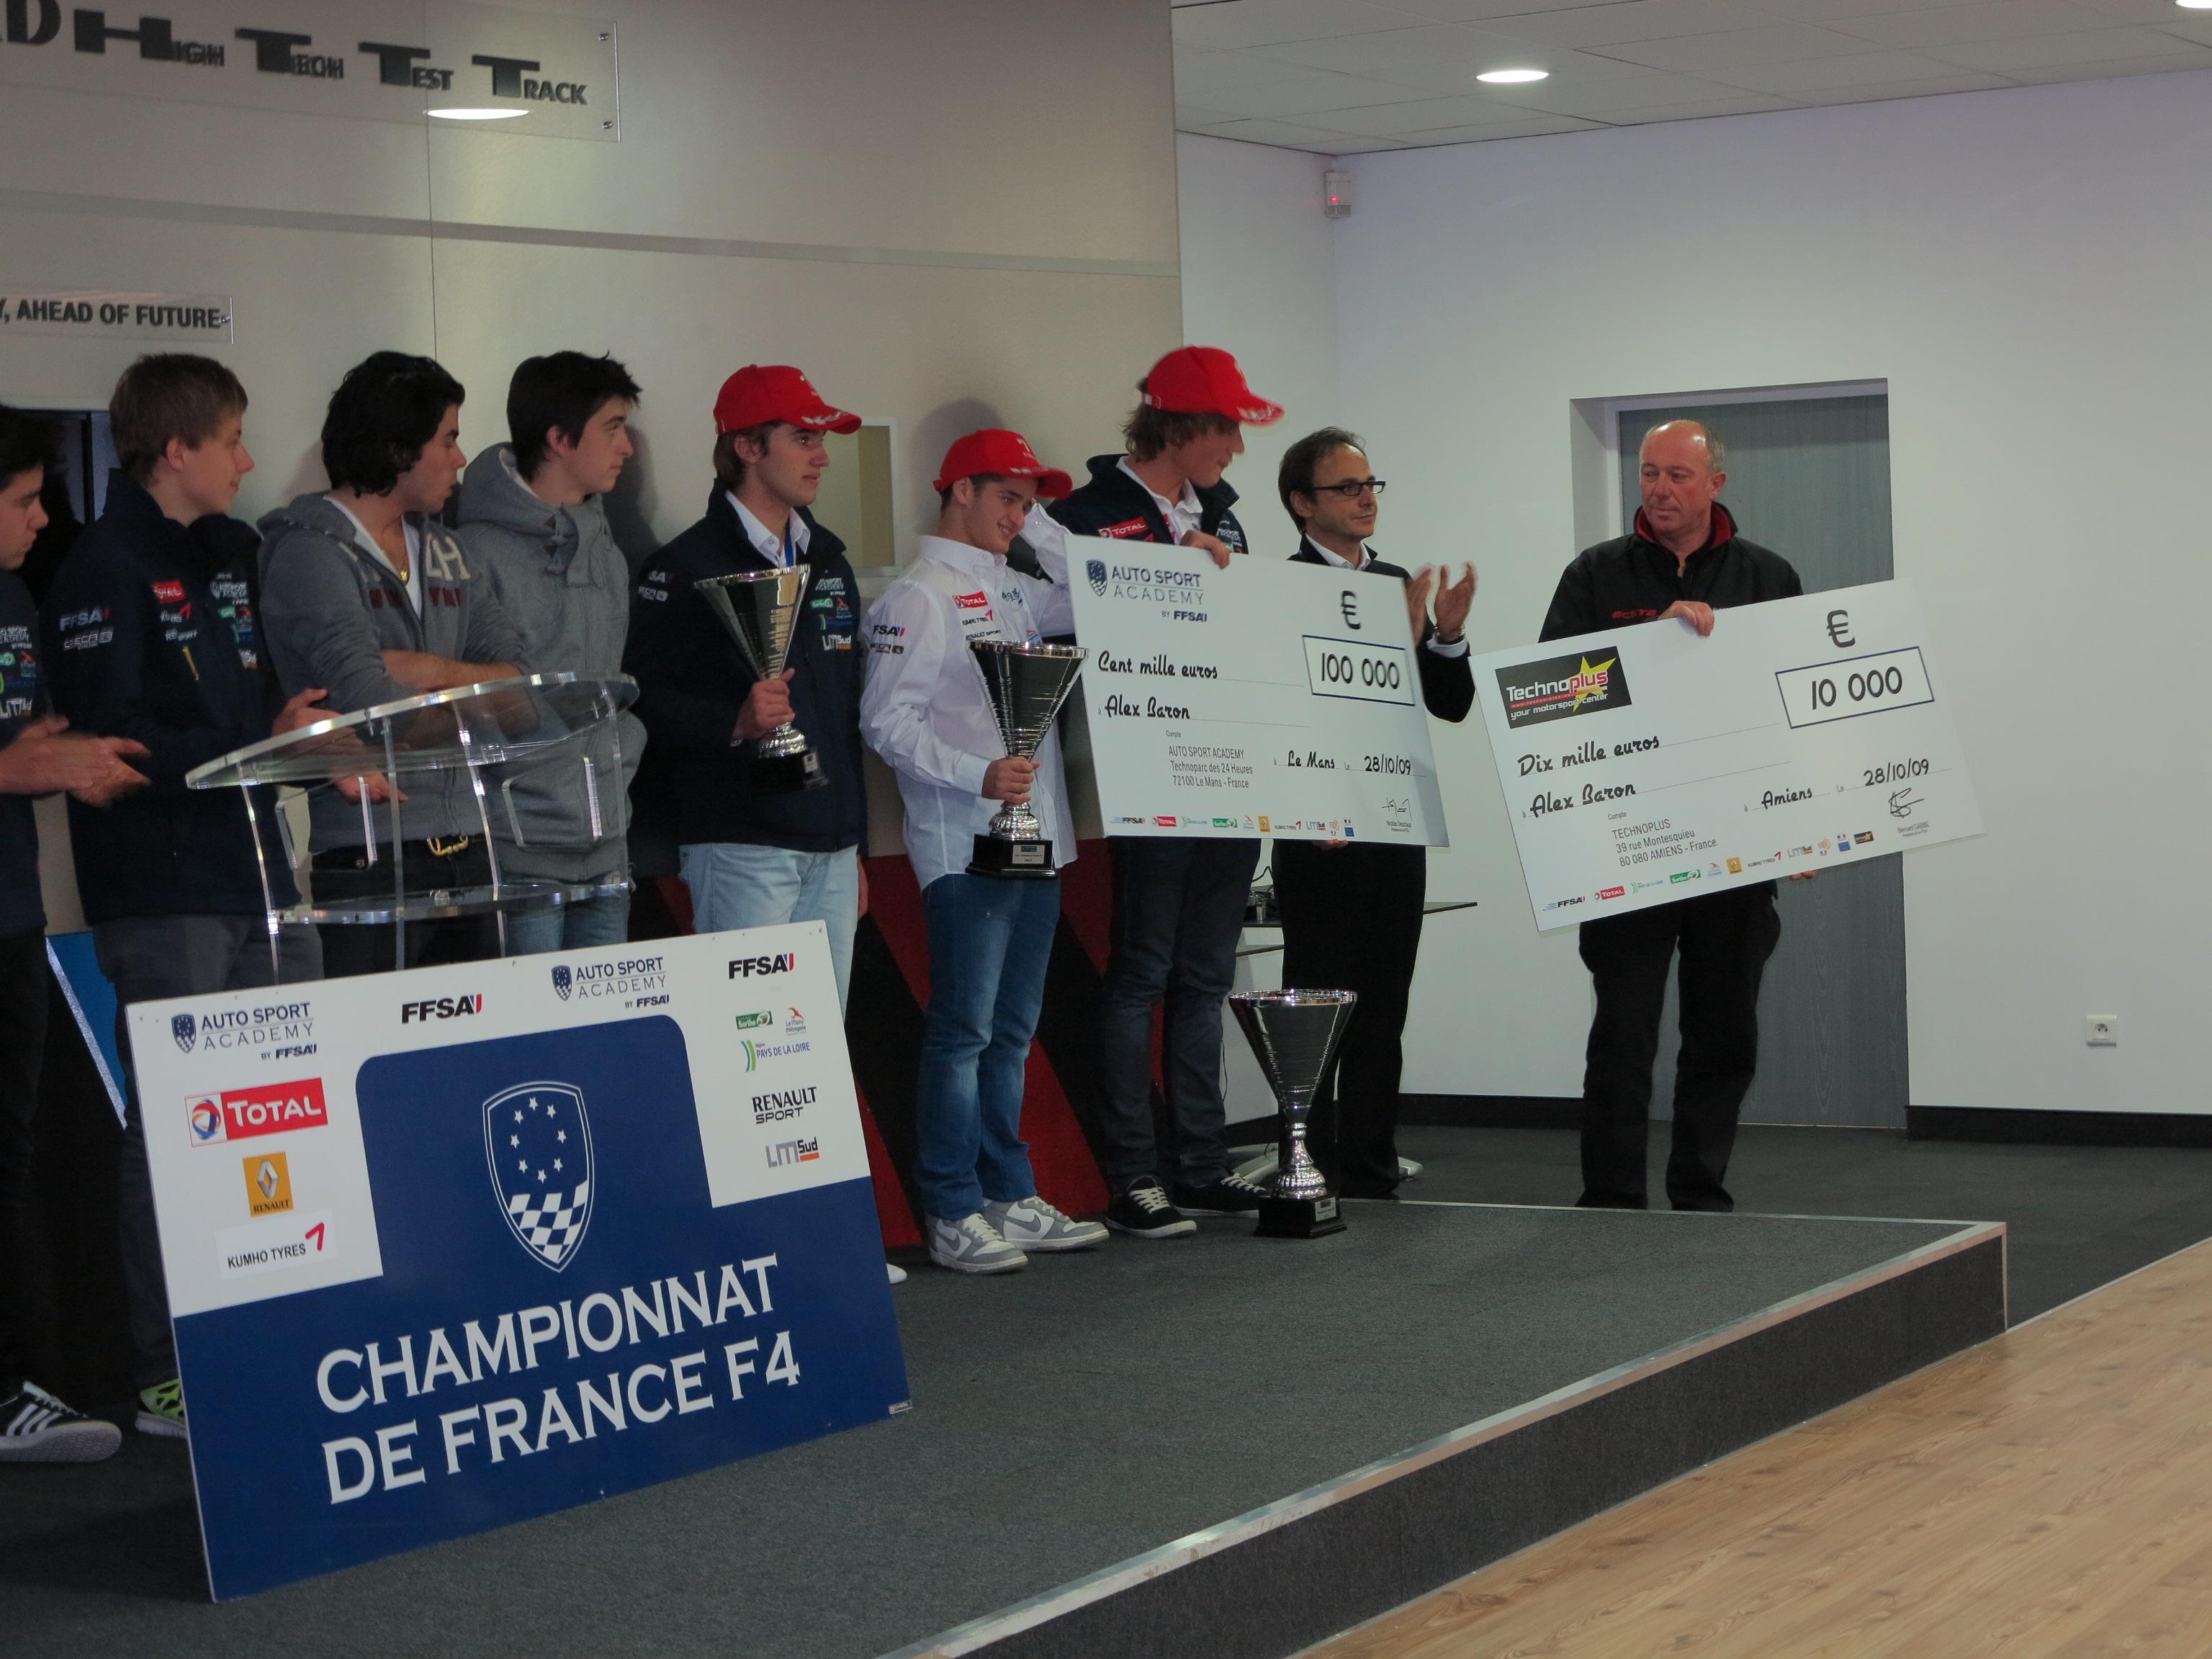 F4 REMISE DES PRIX 2012 AU PAUL RICARD avec le PRESIDENT DESCHAUX